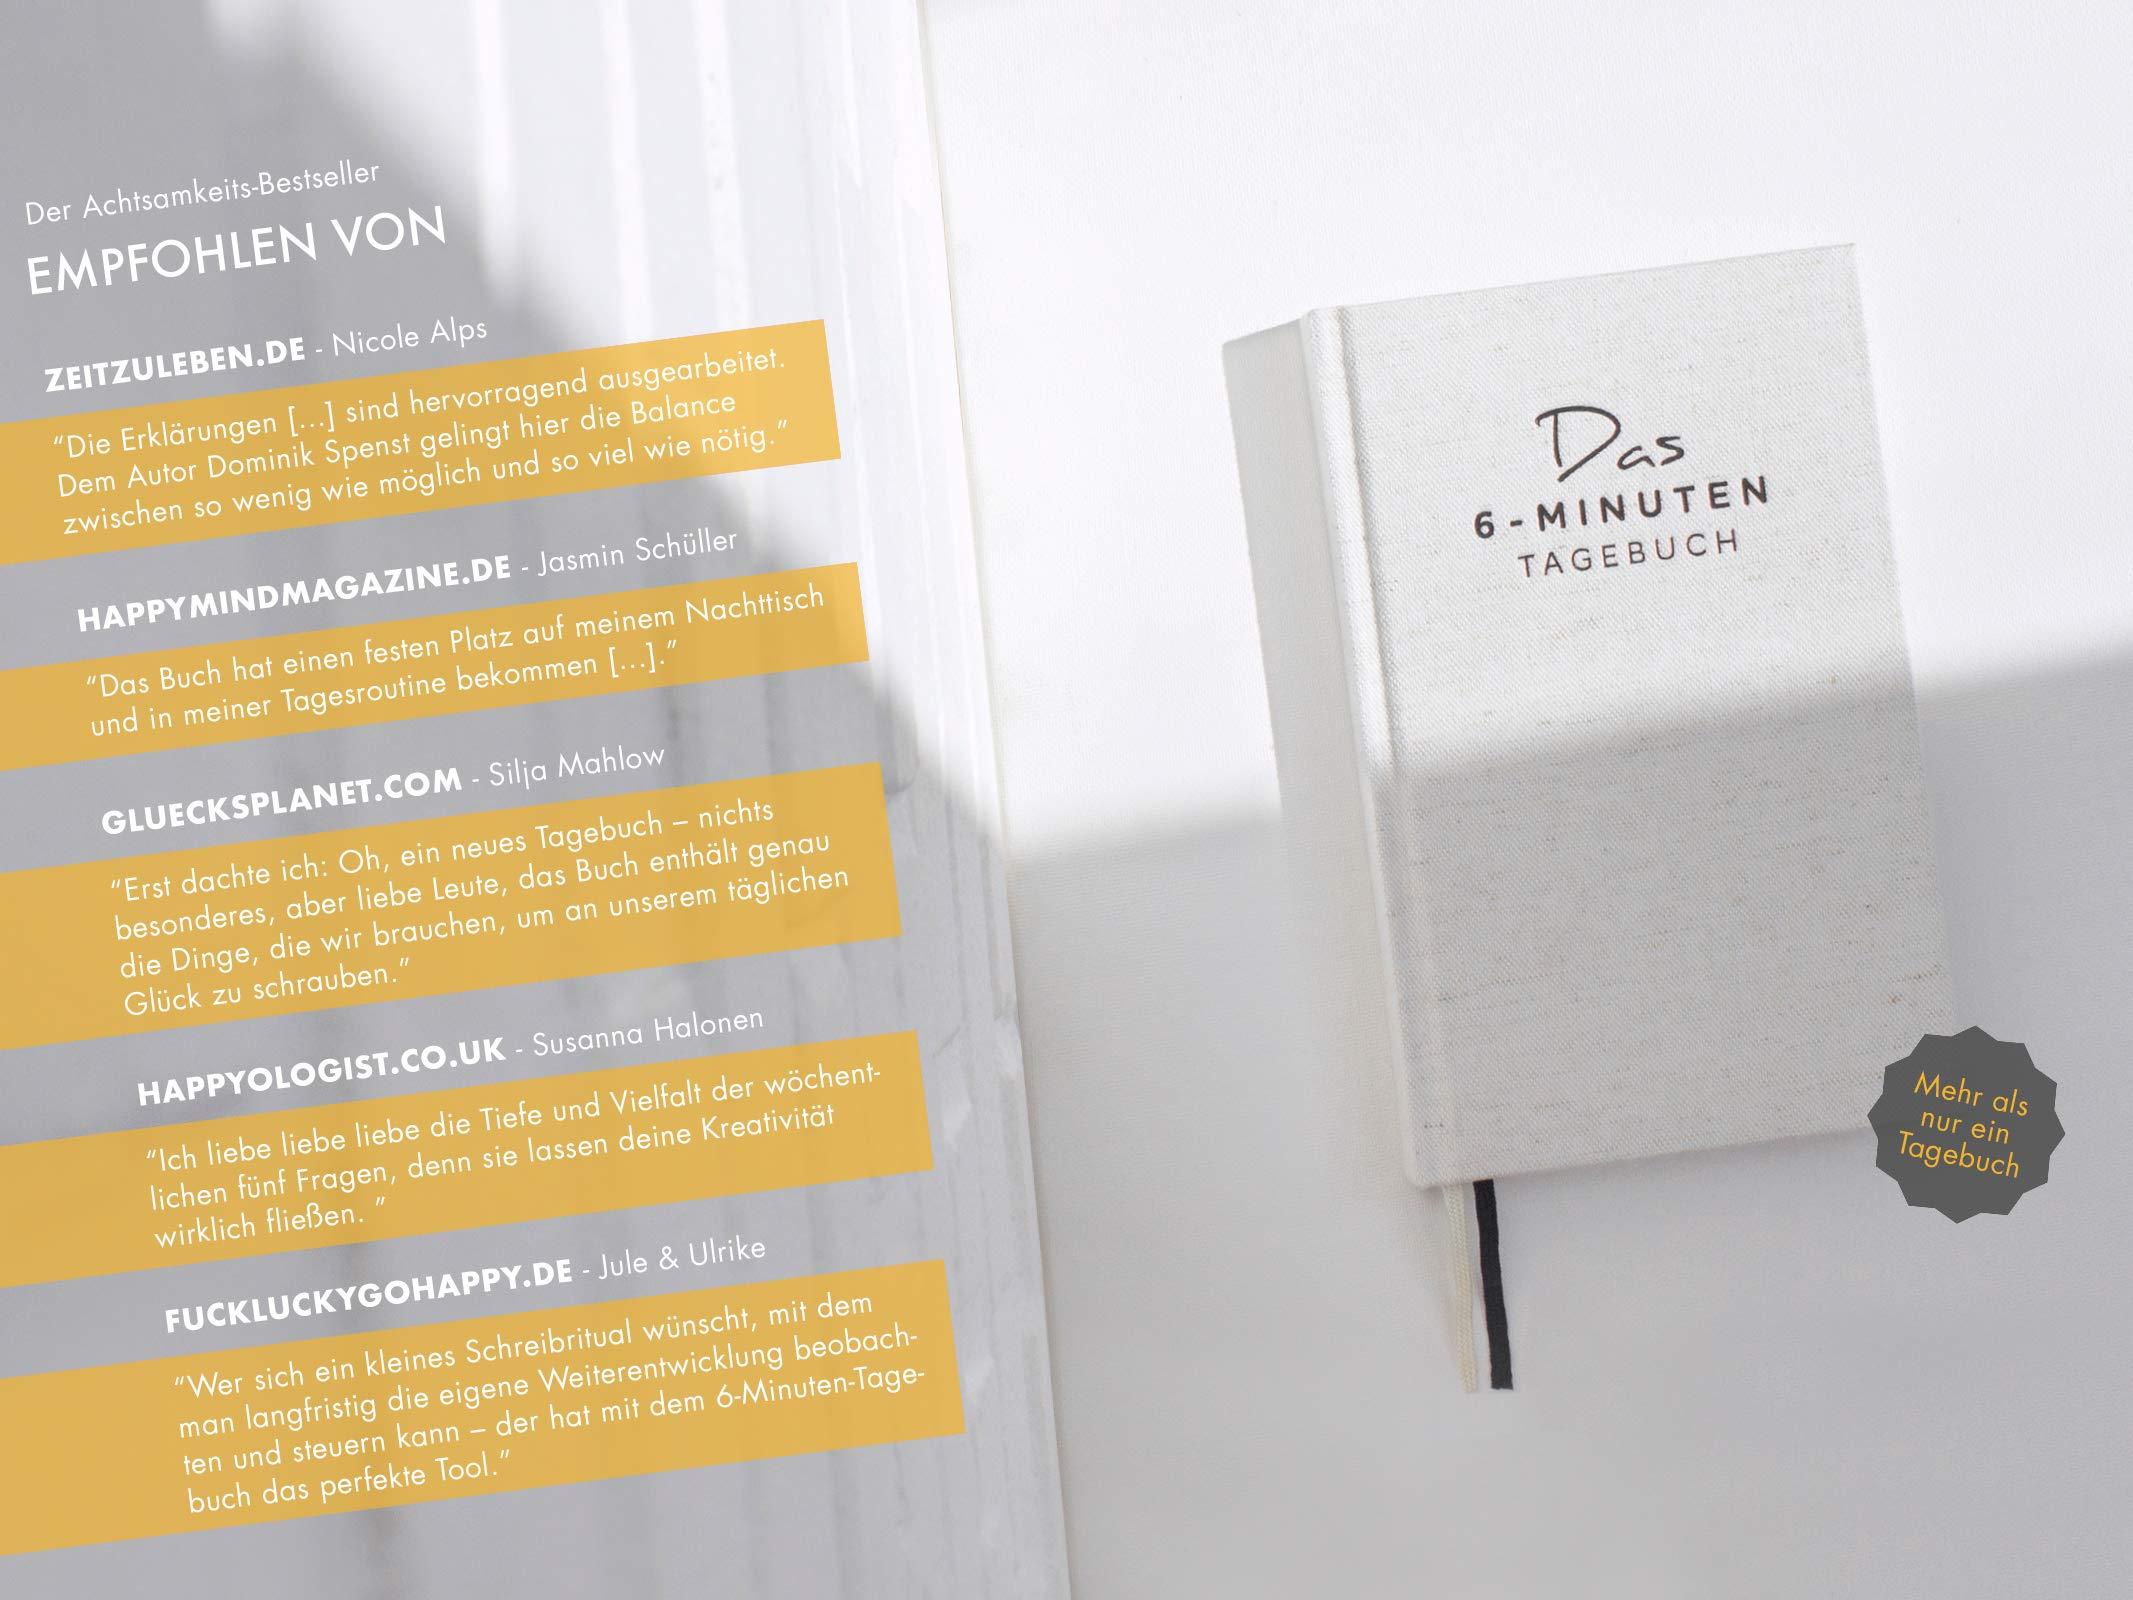 Das 6-Minuten-Tagebuch - Ein Buch, das dein Leben verändert, Mix aus Sach-,  Praxis- und Notizbuch: Amazon.de: Dominik Spenst: Bücher